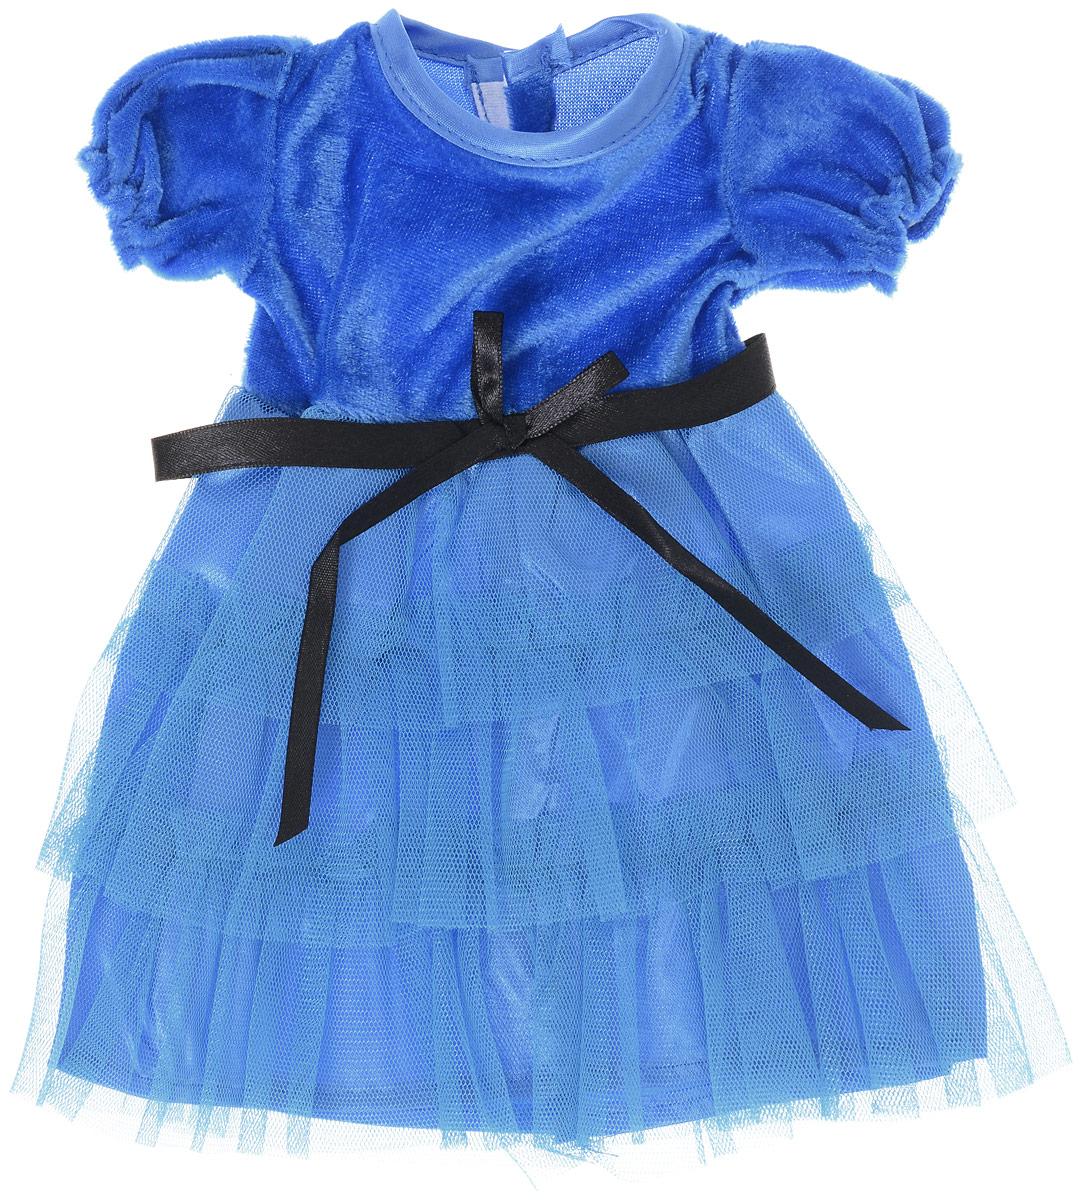 филе одежда для кукол картинки платье дефекты обуви можно